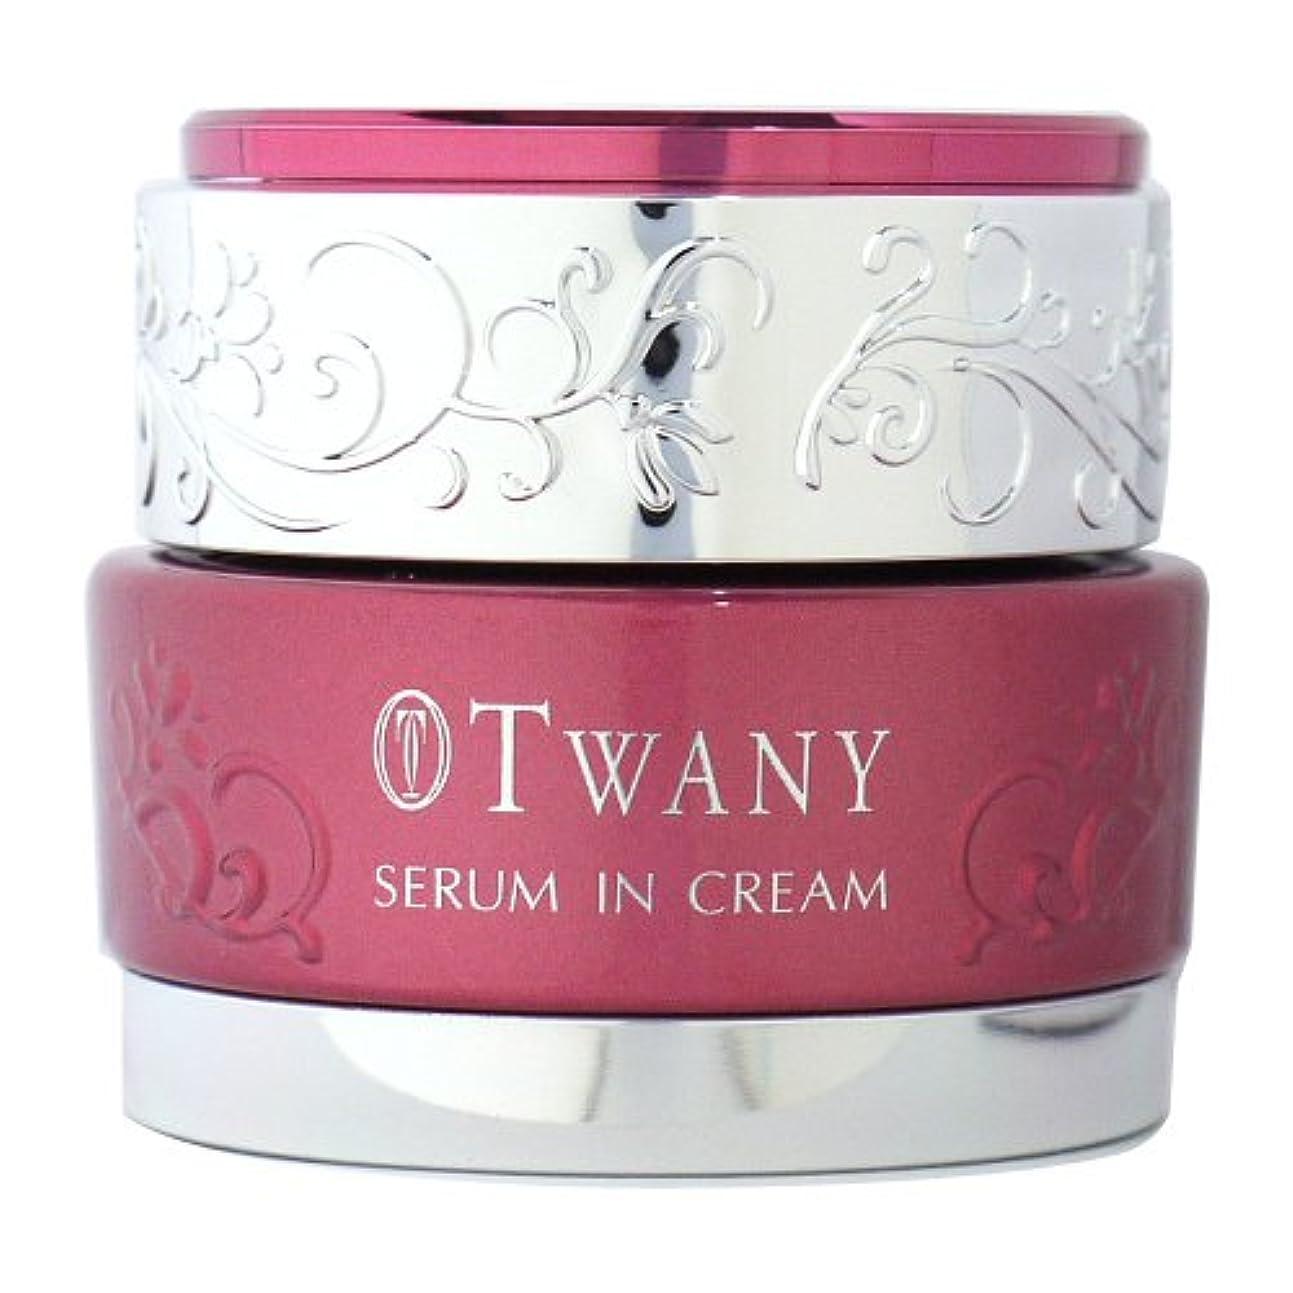 一般的な本当のことを言うとうめきカネボウ トワニー TWANY セラムインクリーム 30g